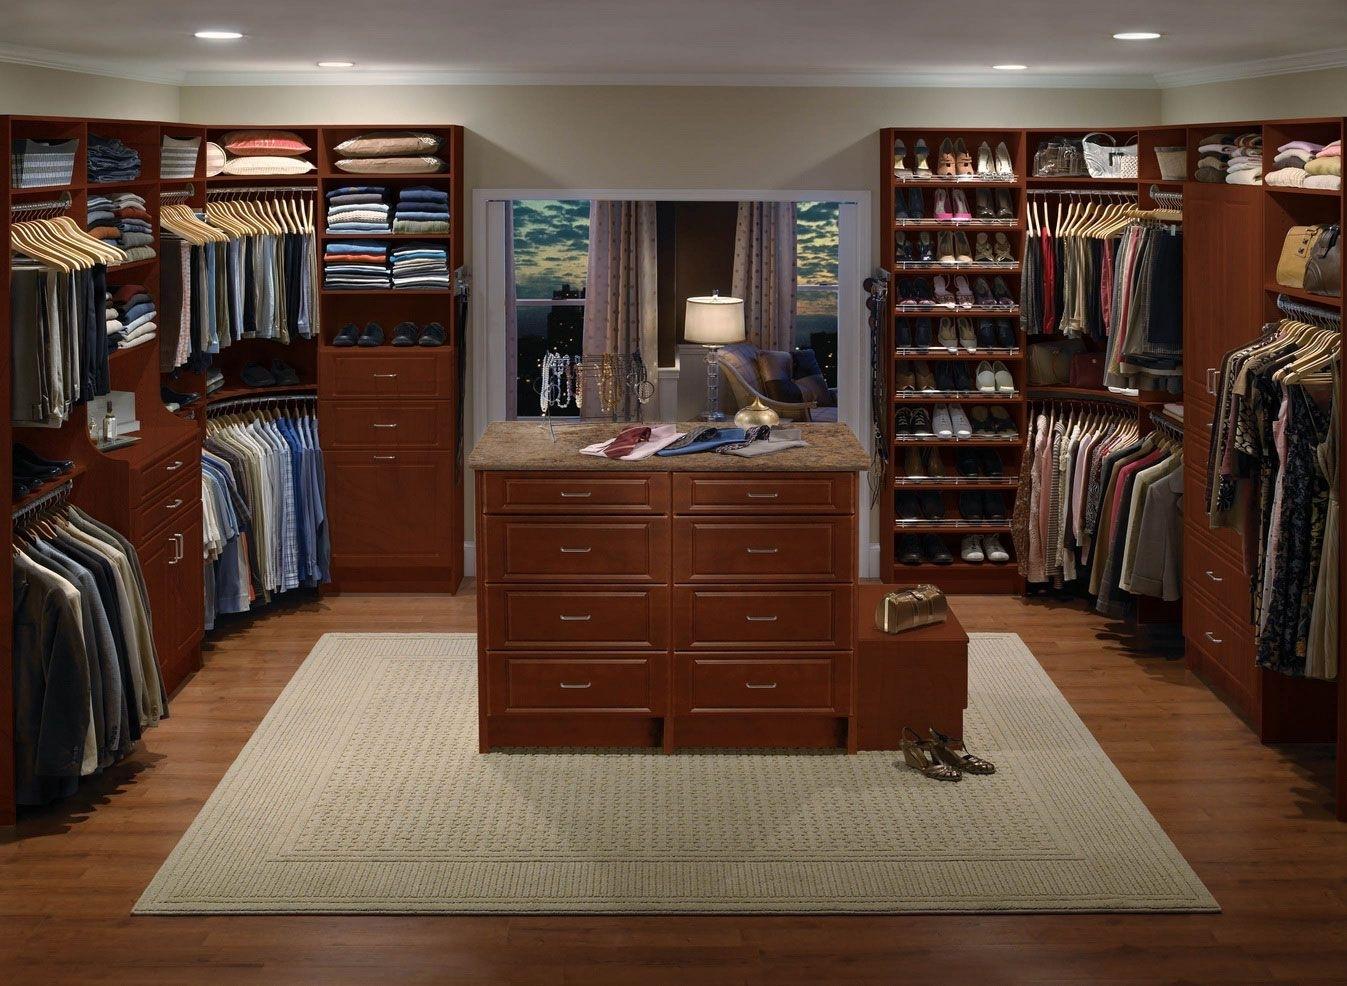 Big Wardrobe Closet Randolph Indoor And Outdoor Design